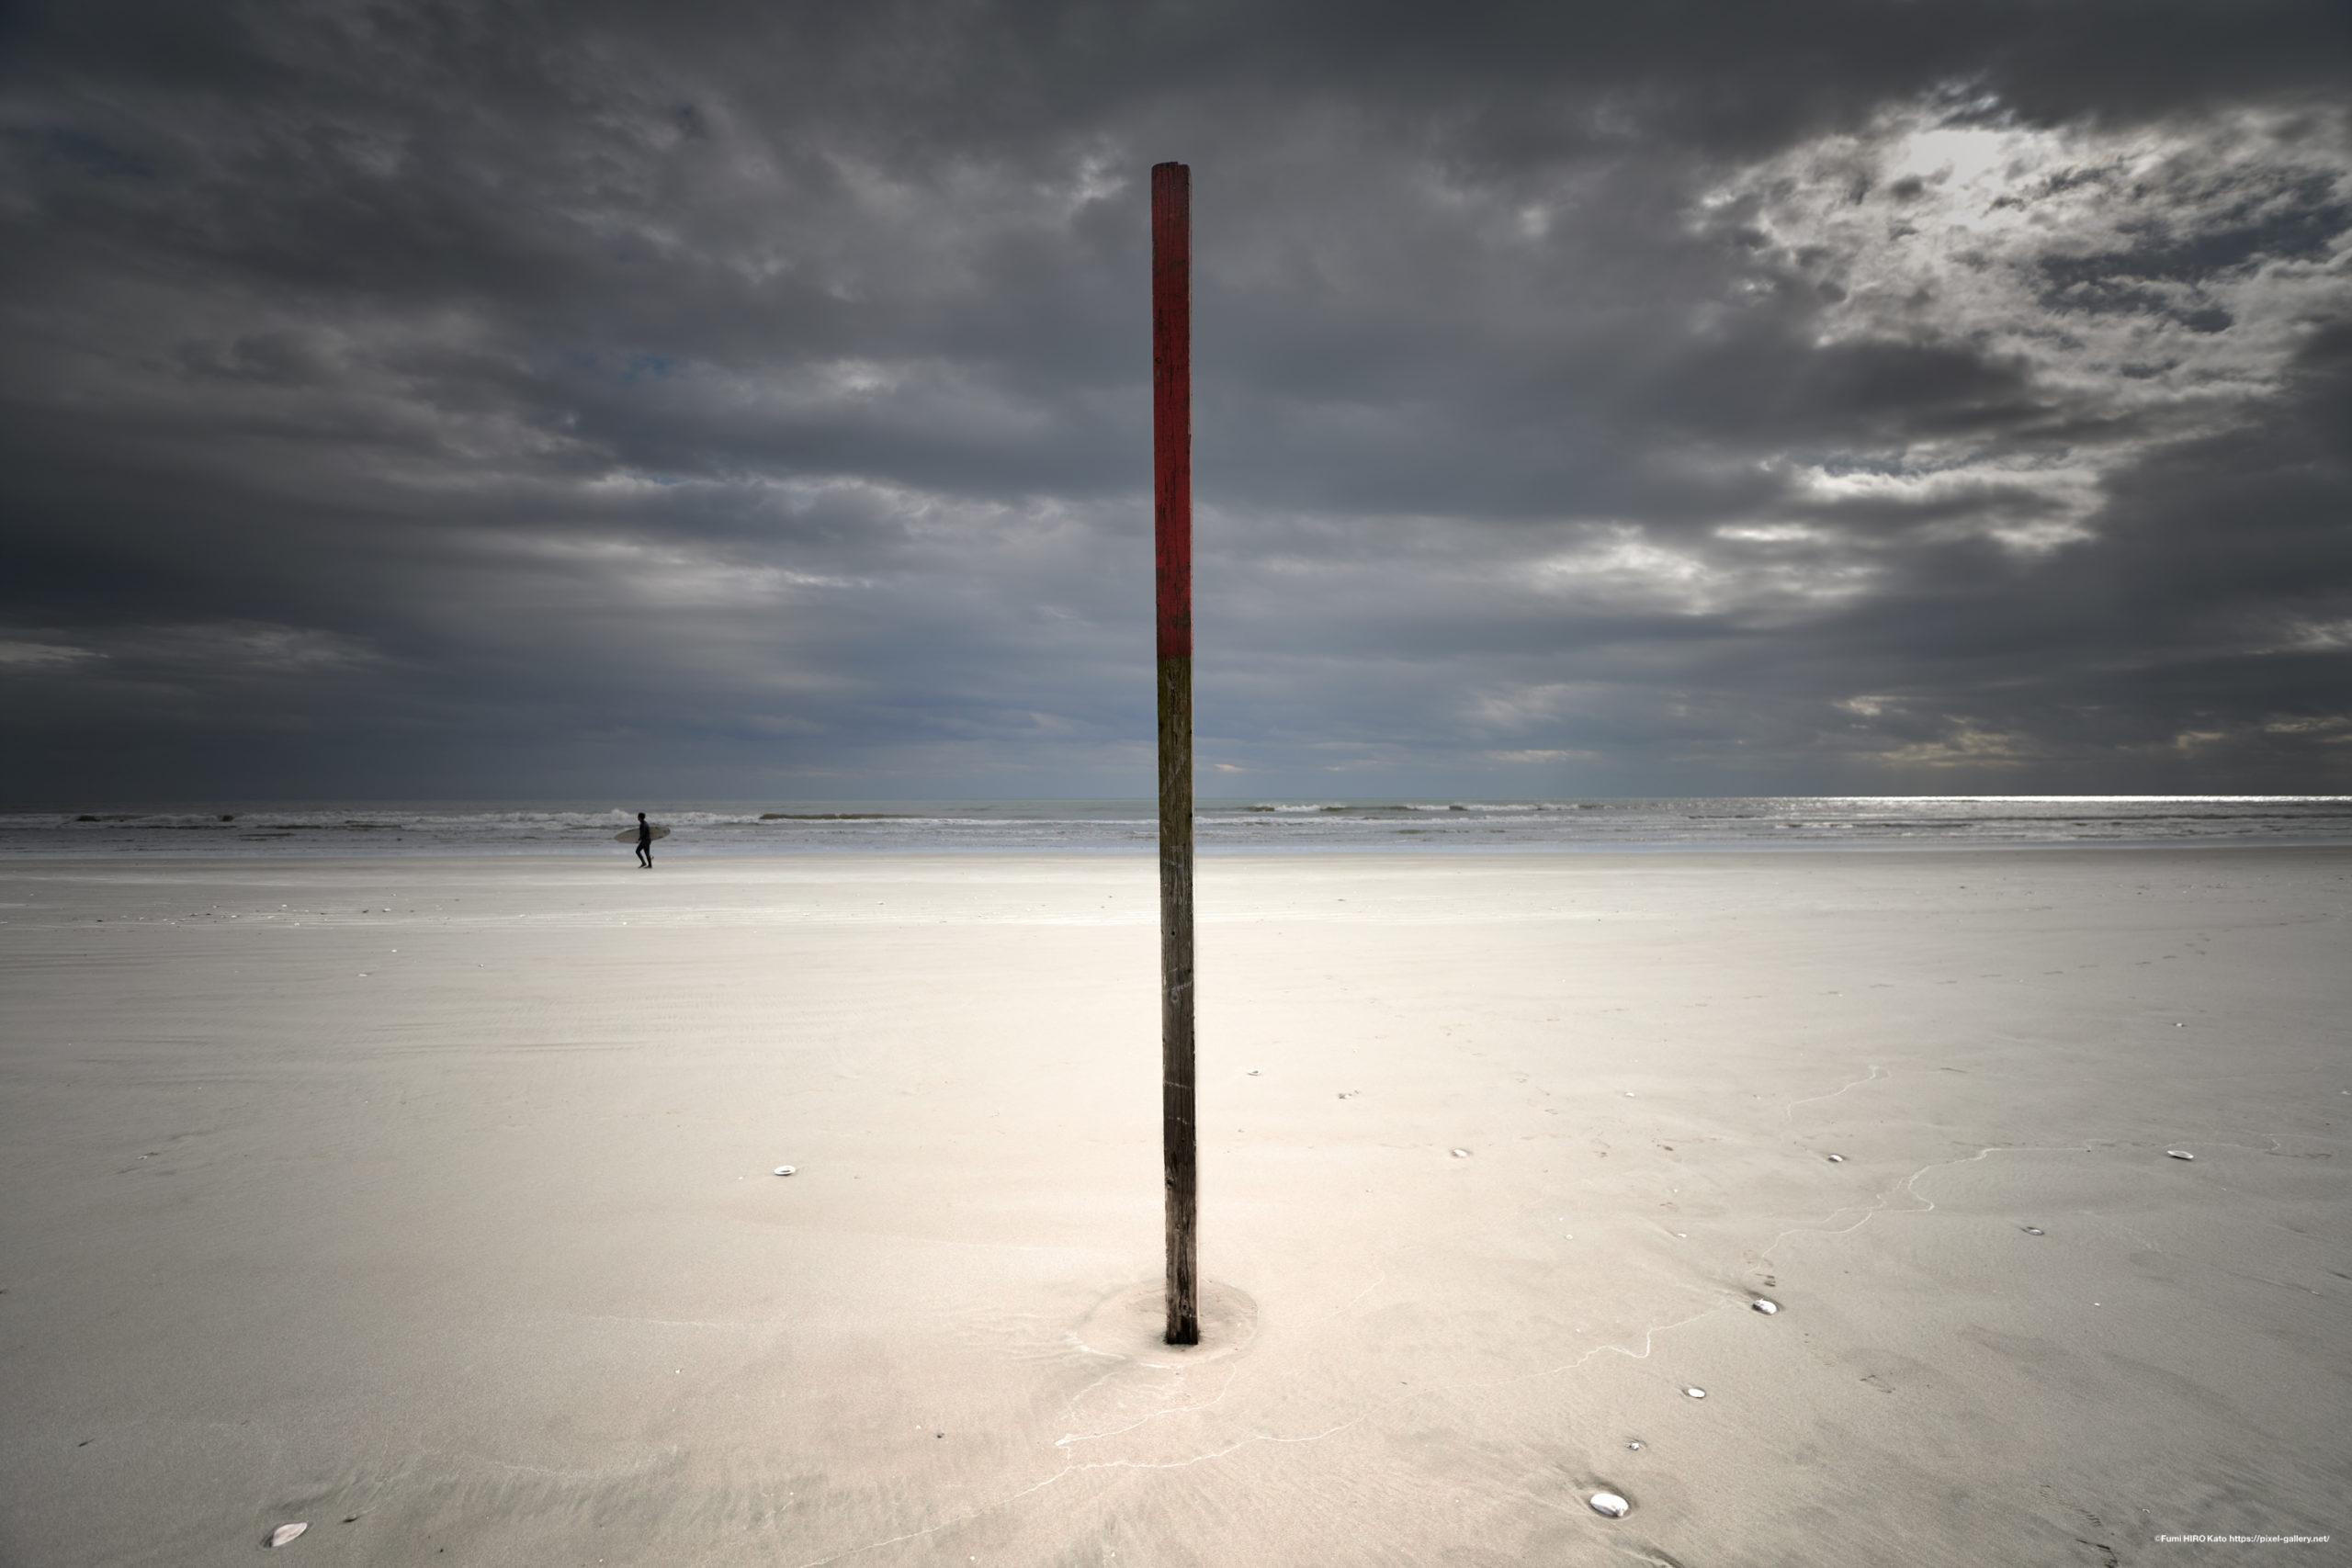 惑星と文明 19-030 時間は砂となって降り積もる